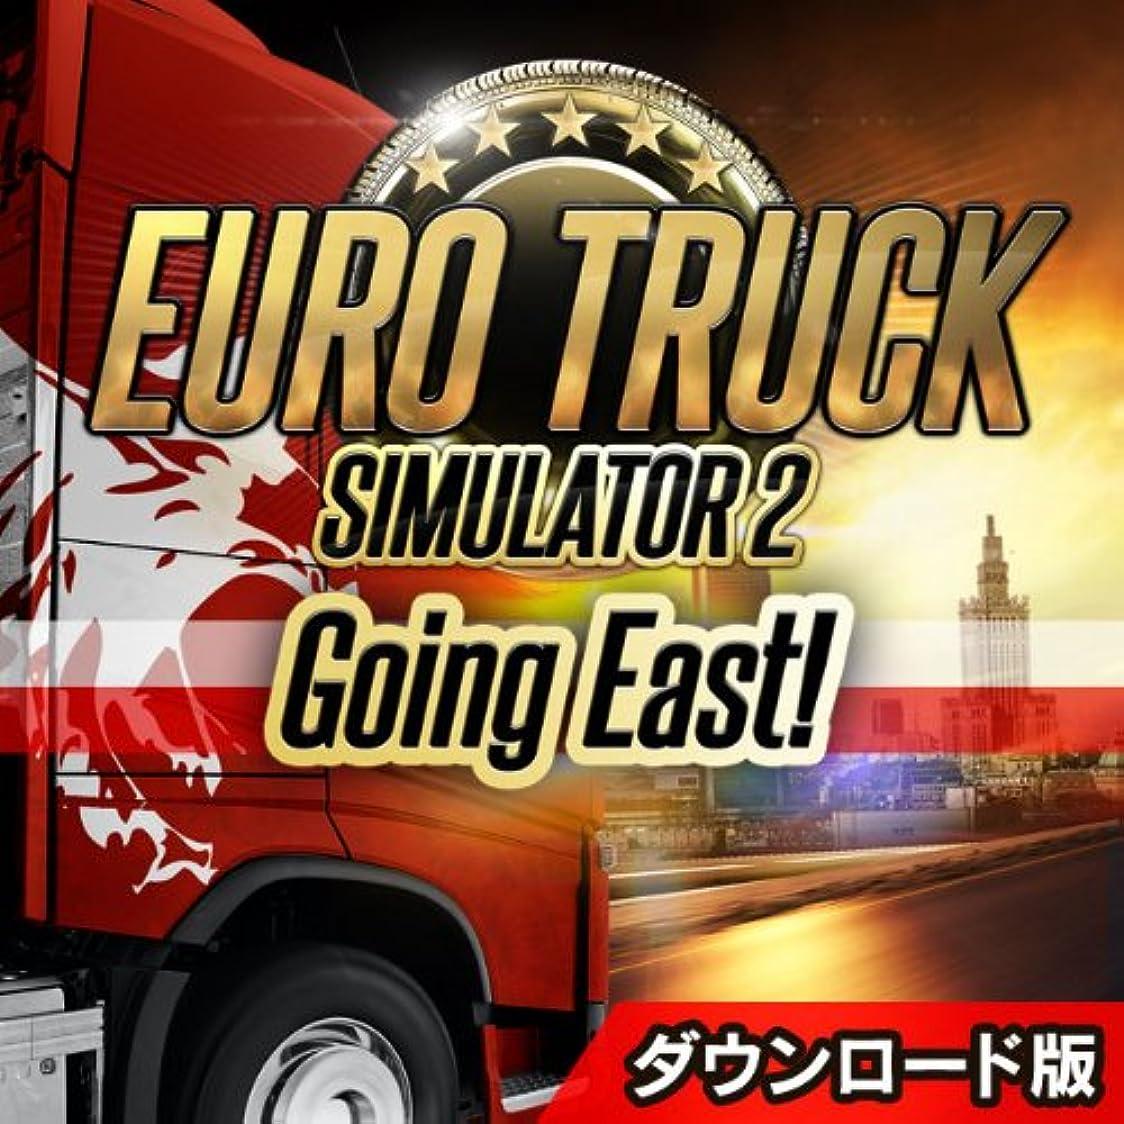 短命精査する指定ユーロ トラック シミュレーター 2 ゴーイング イースト 日本語版 [ダウンロード]